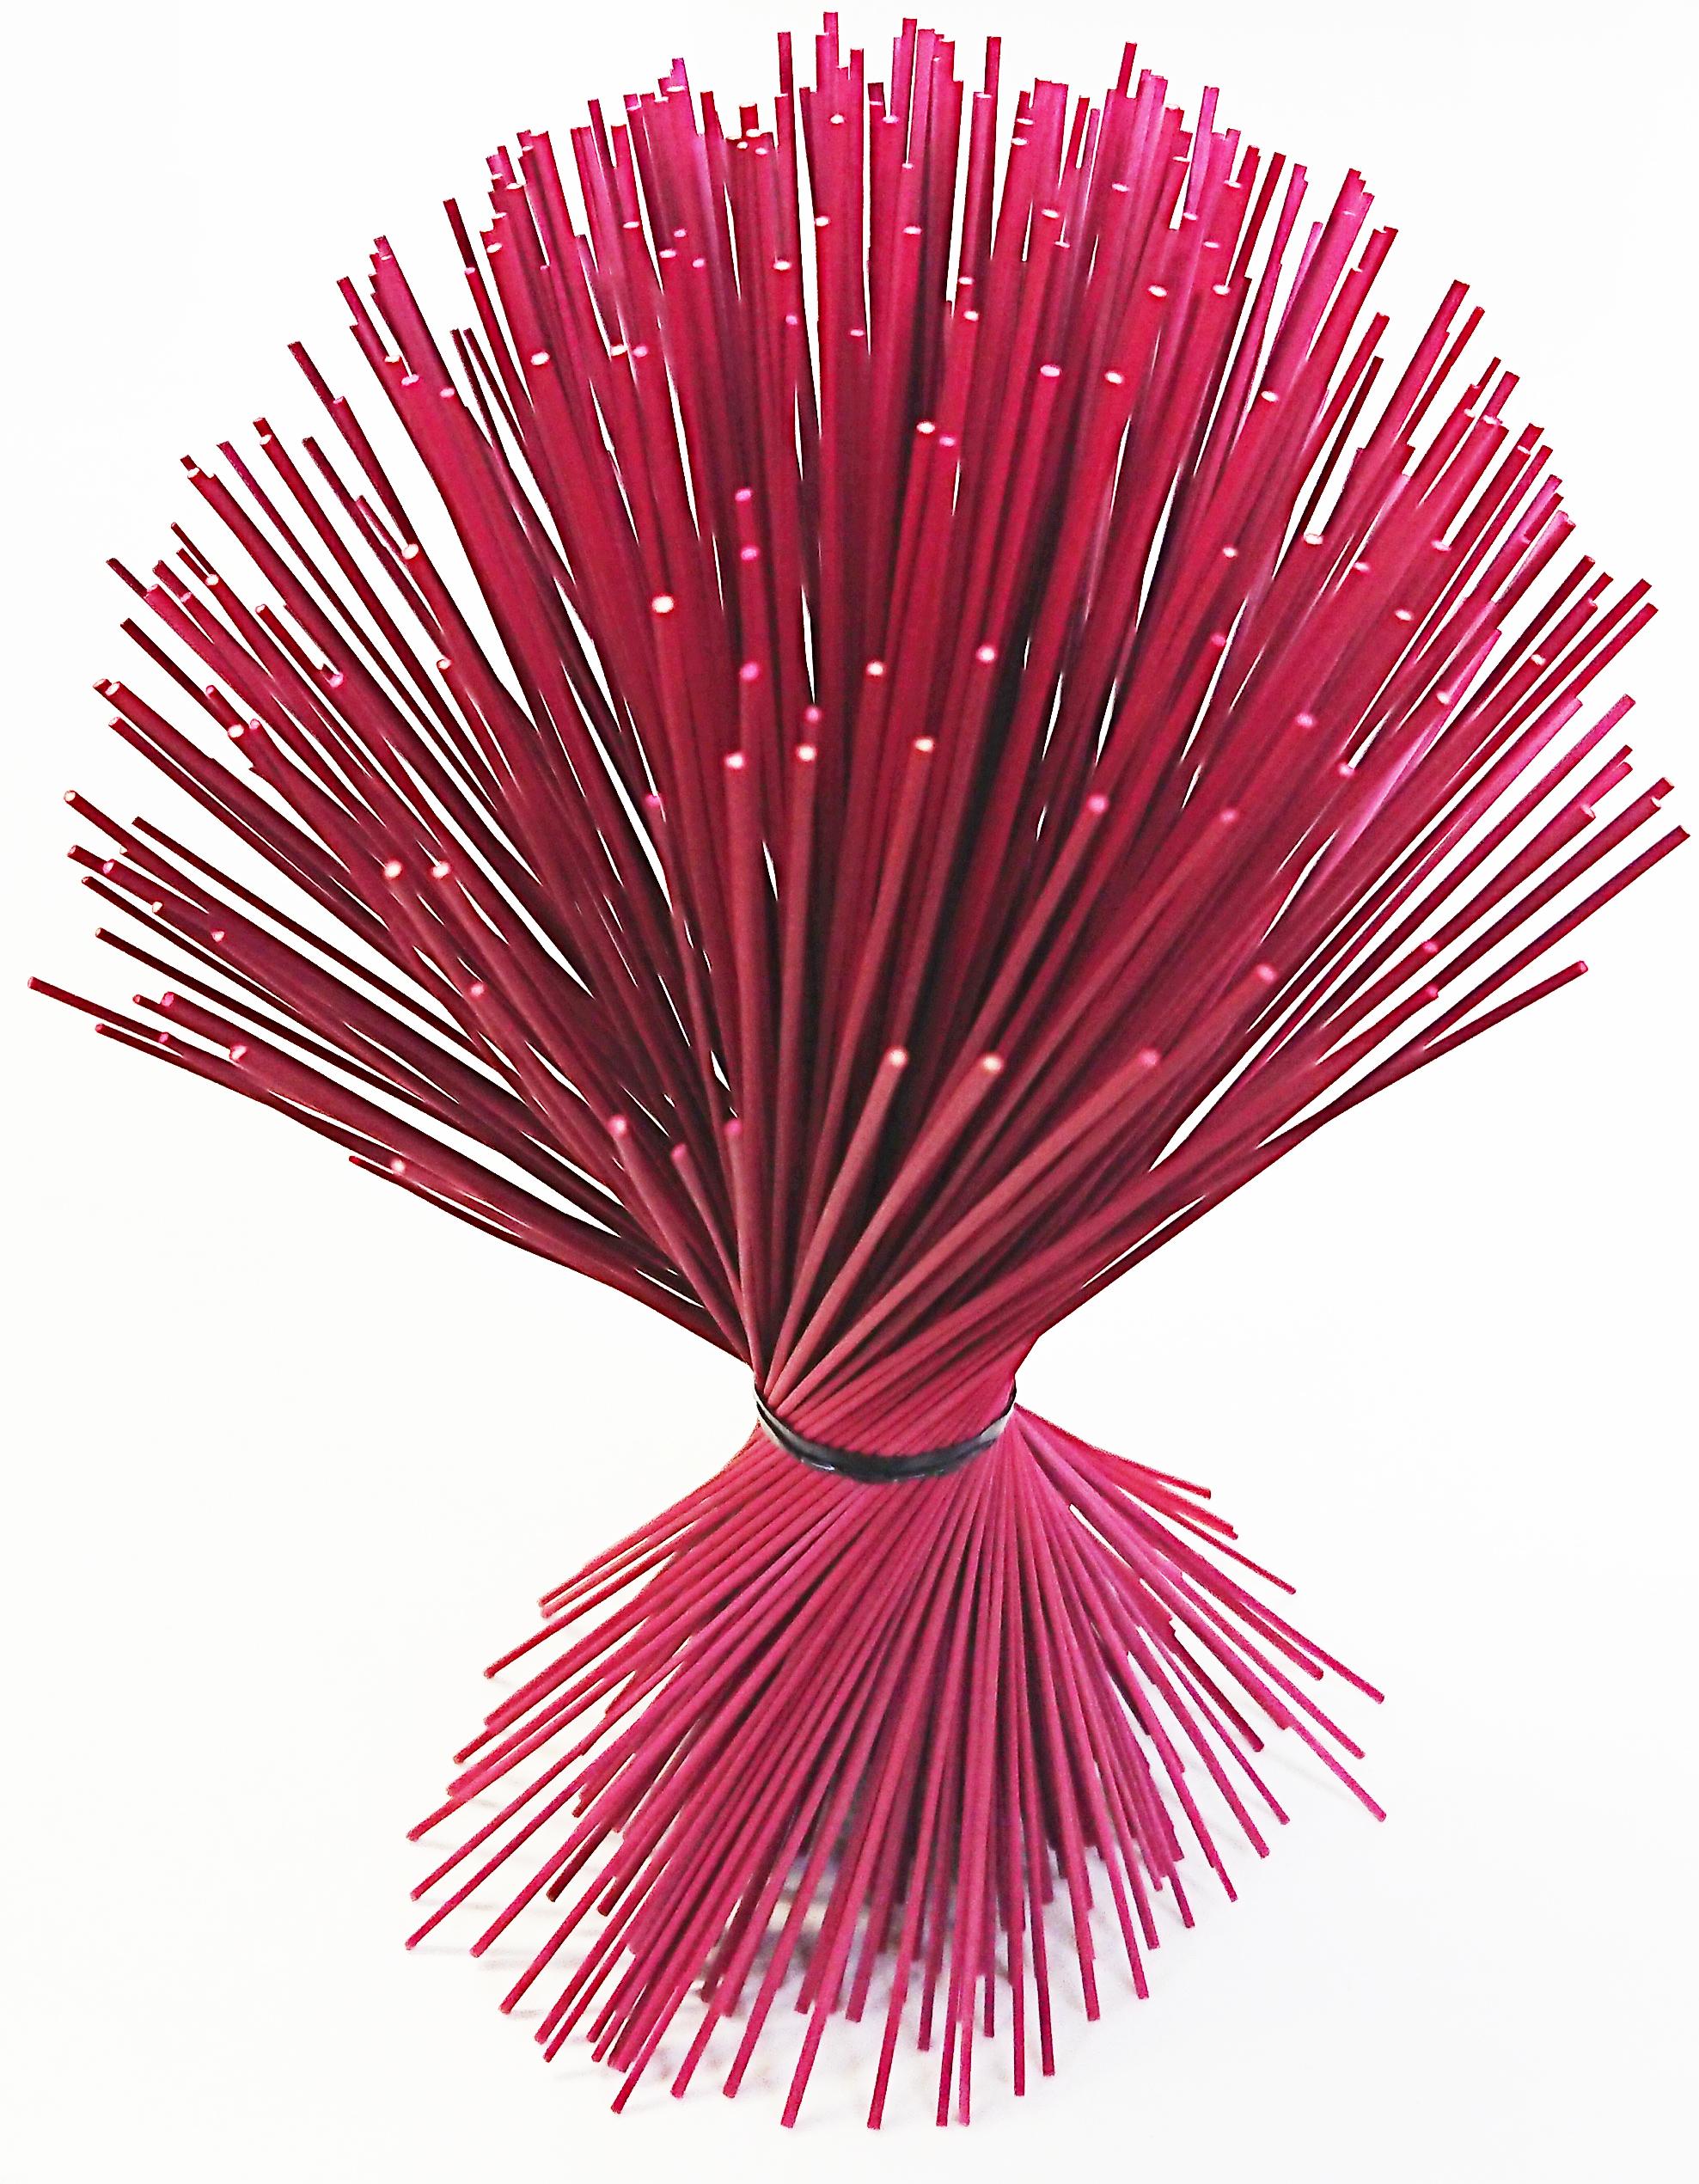 【イ草フラワー ミニ レッド】Rush Grass Flower Mini Red 17.5cm